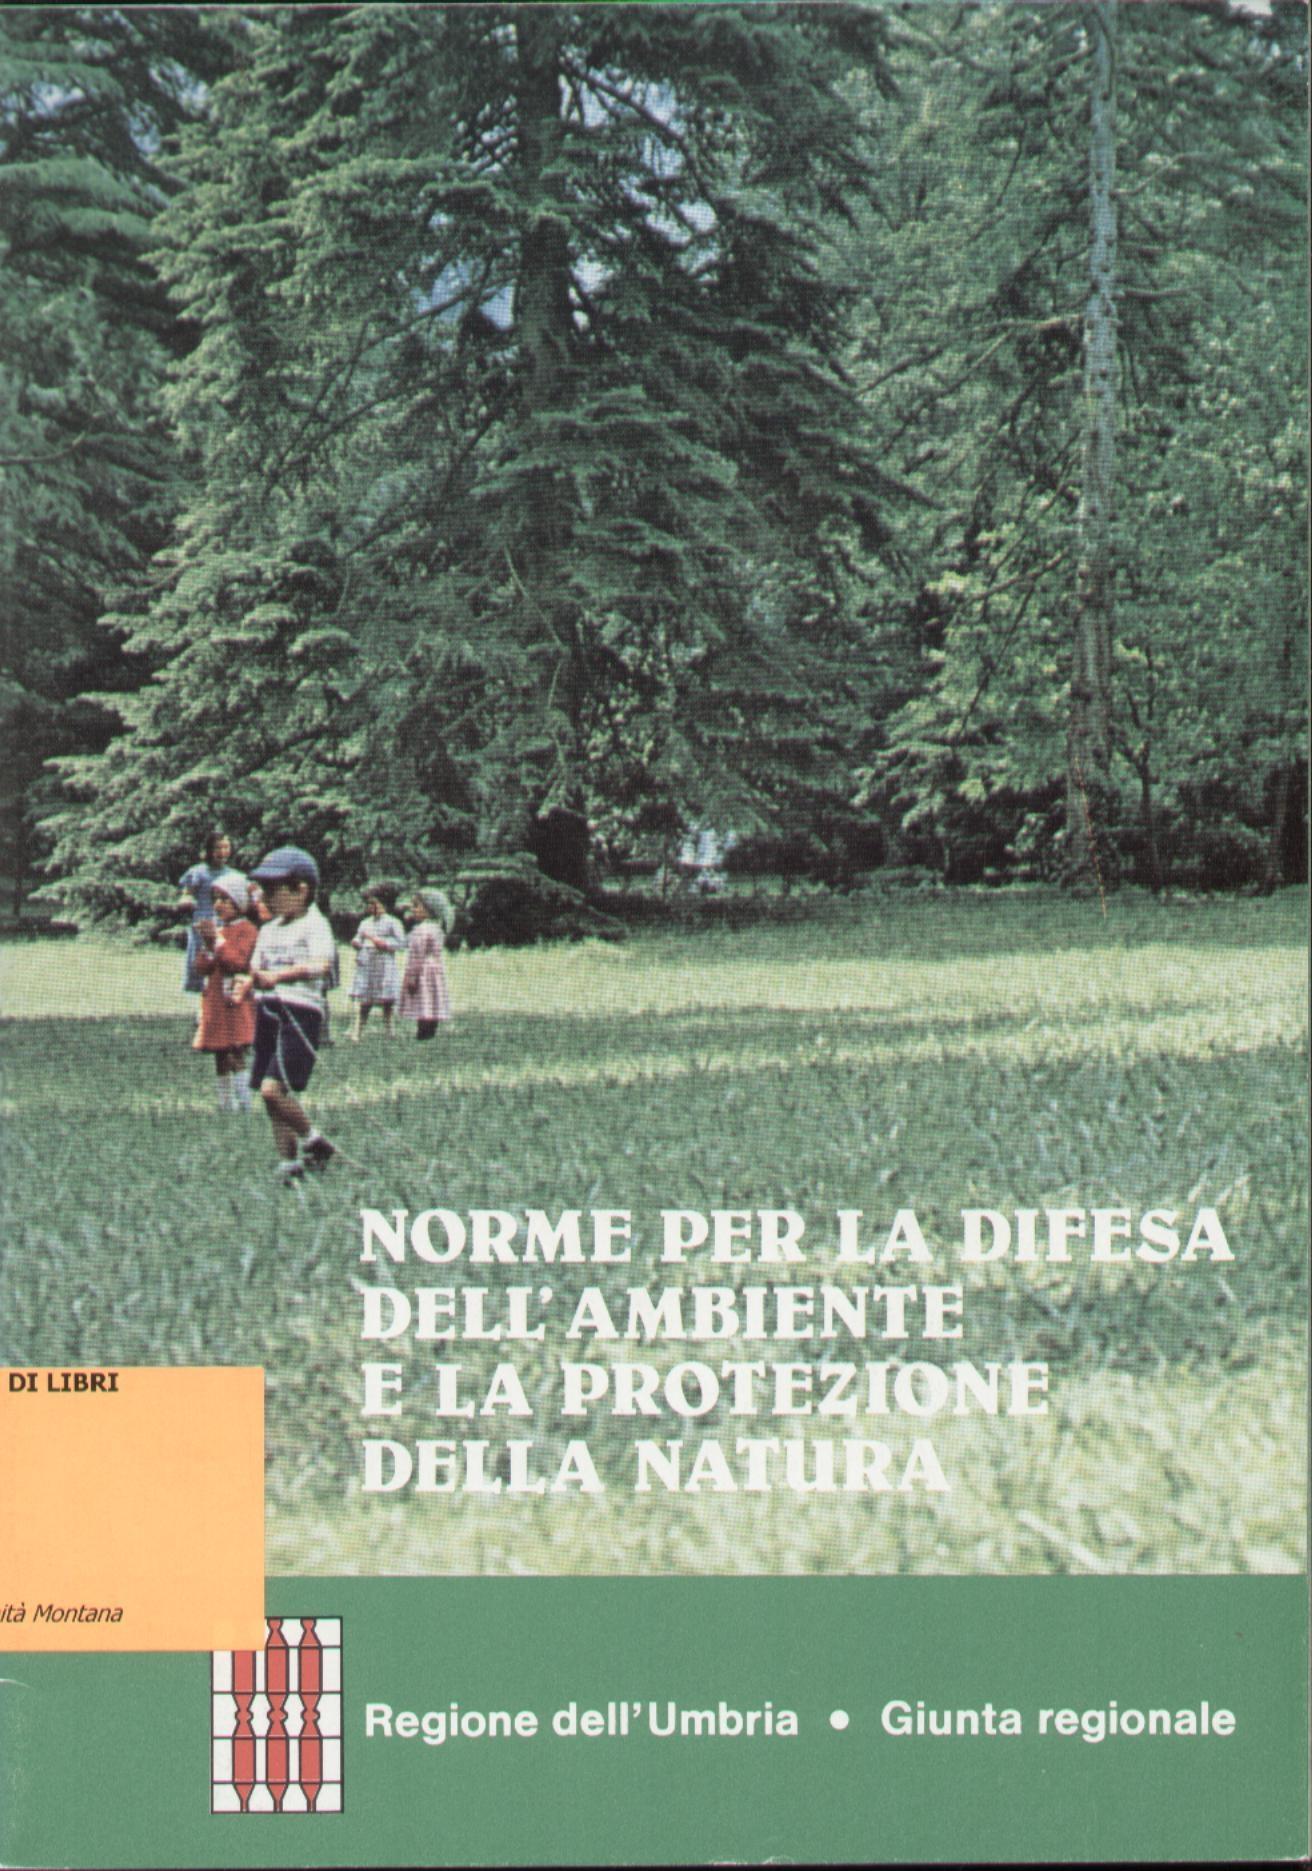 Norme per la difesa dell'ambiente e la protezione della natura